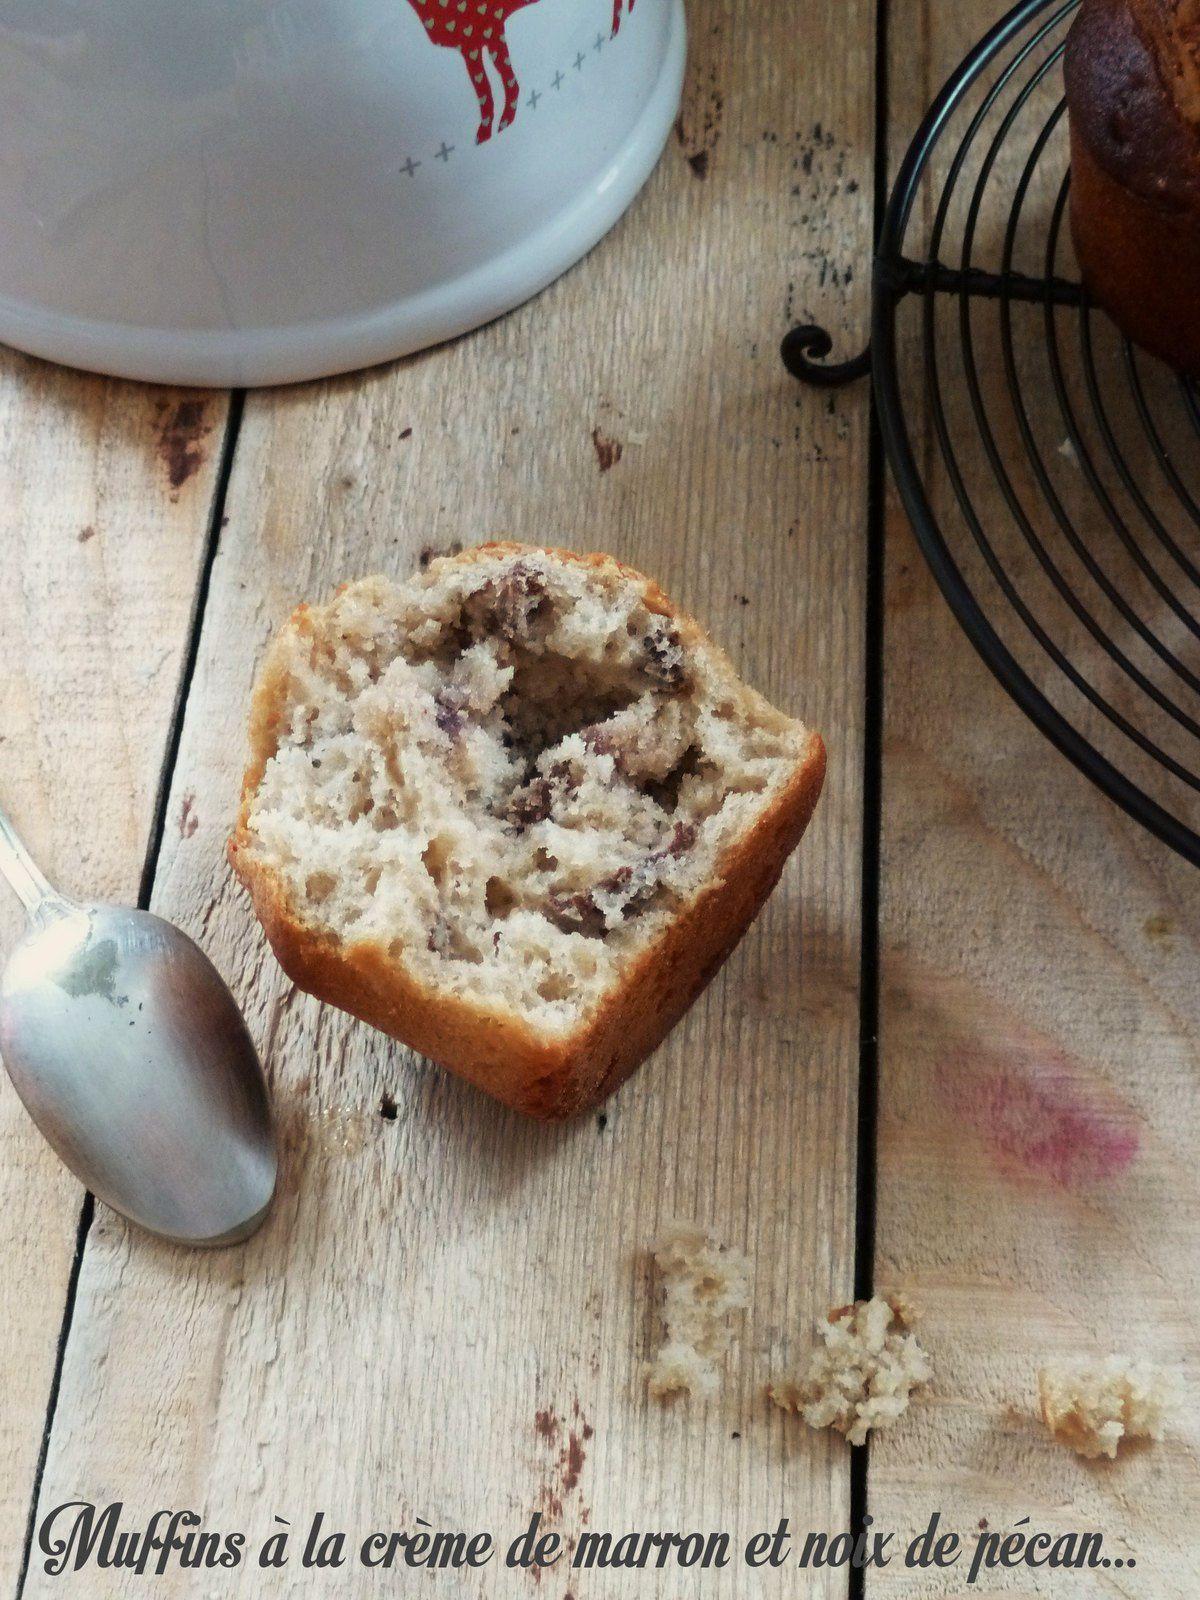 Muffins crèmes de marron et noix de pécan